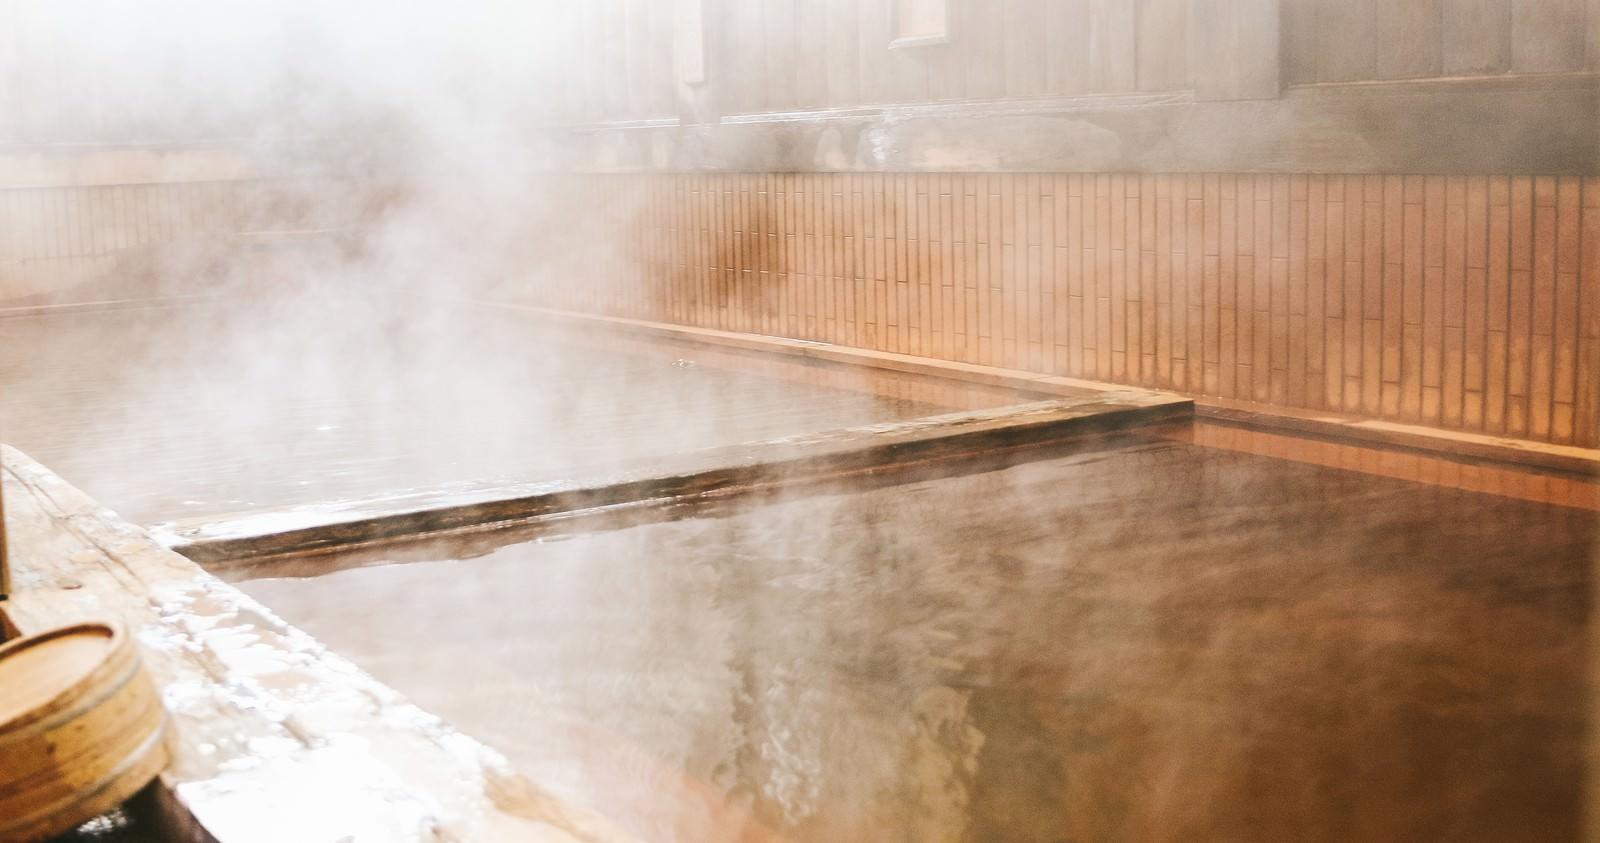 「総檜の浴槽から雪見を満喫できる平湯館の露天風呂 | 写真の無料素材・フリー素材 - ぱくたそ」の写真